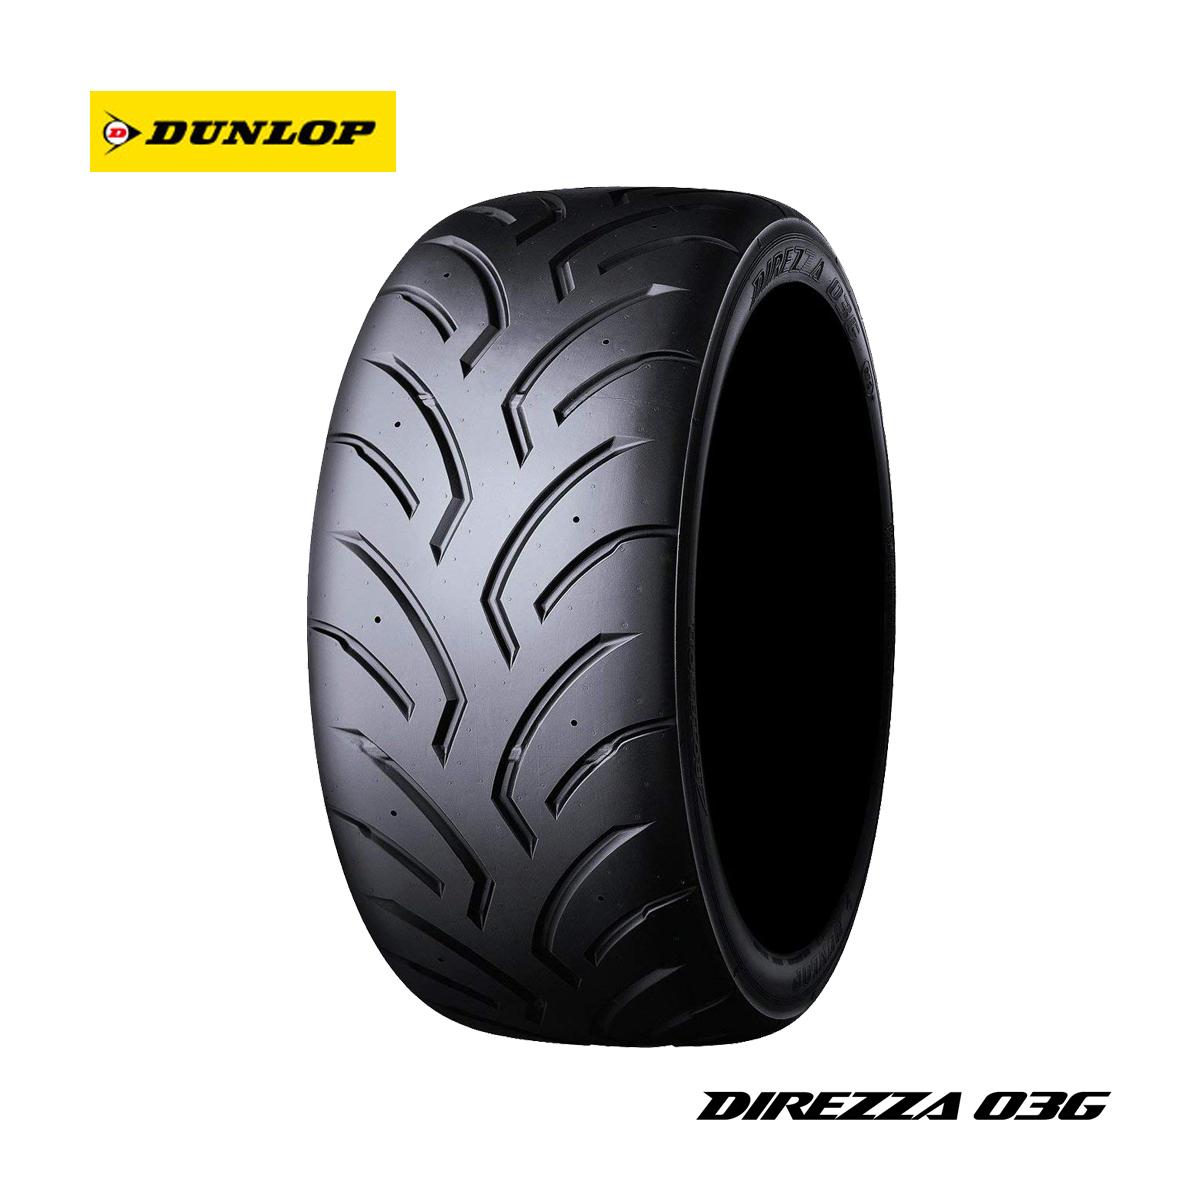 DUNLOP ダンロップ Sタイヤ ハイグリップ モータースポーツ 4本 セット 17インチ 255/40R17 DIREZZA ディレッツァ 03G コンパウンド H1